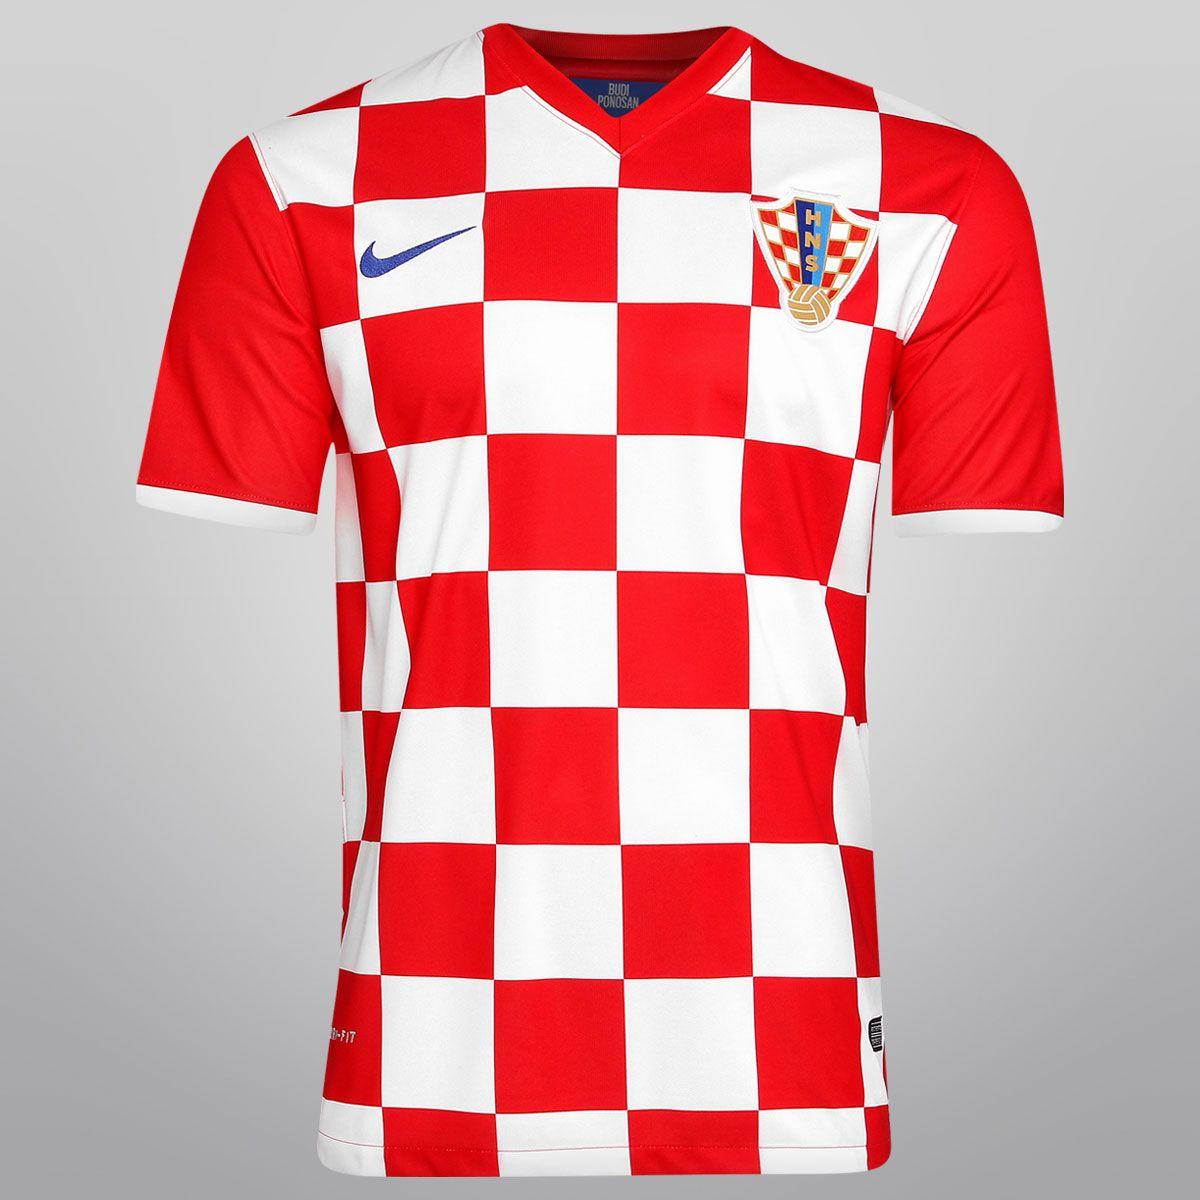 Netshoes - Camisa Nike Seleção Croácia Home 2014 s nº - Torcedor ... 1b47c799d48a9